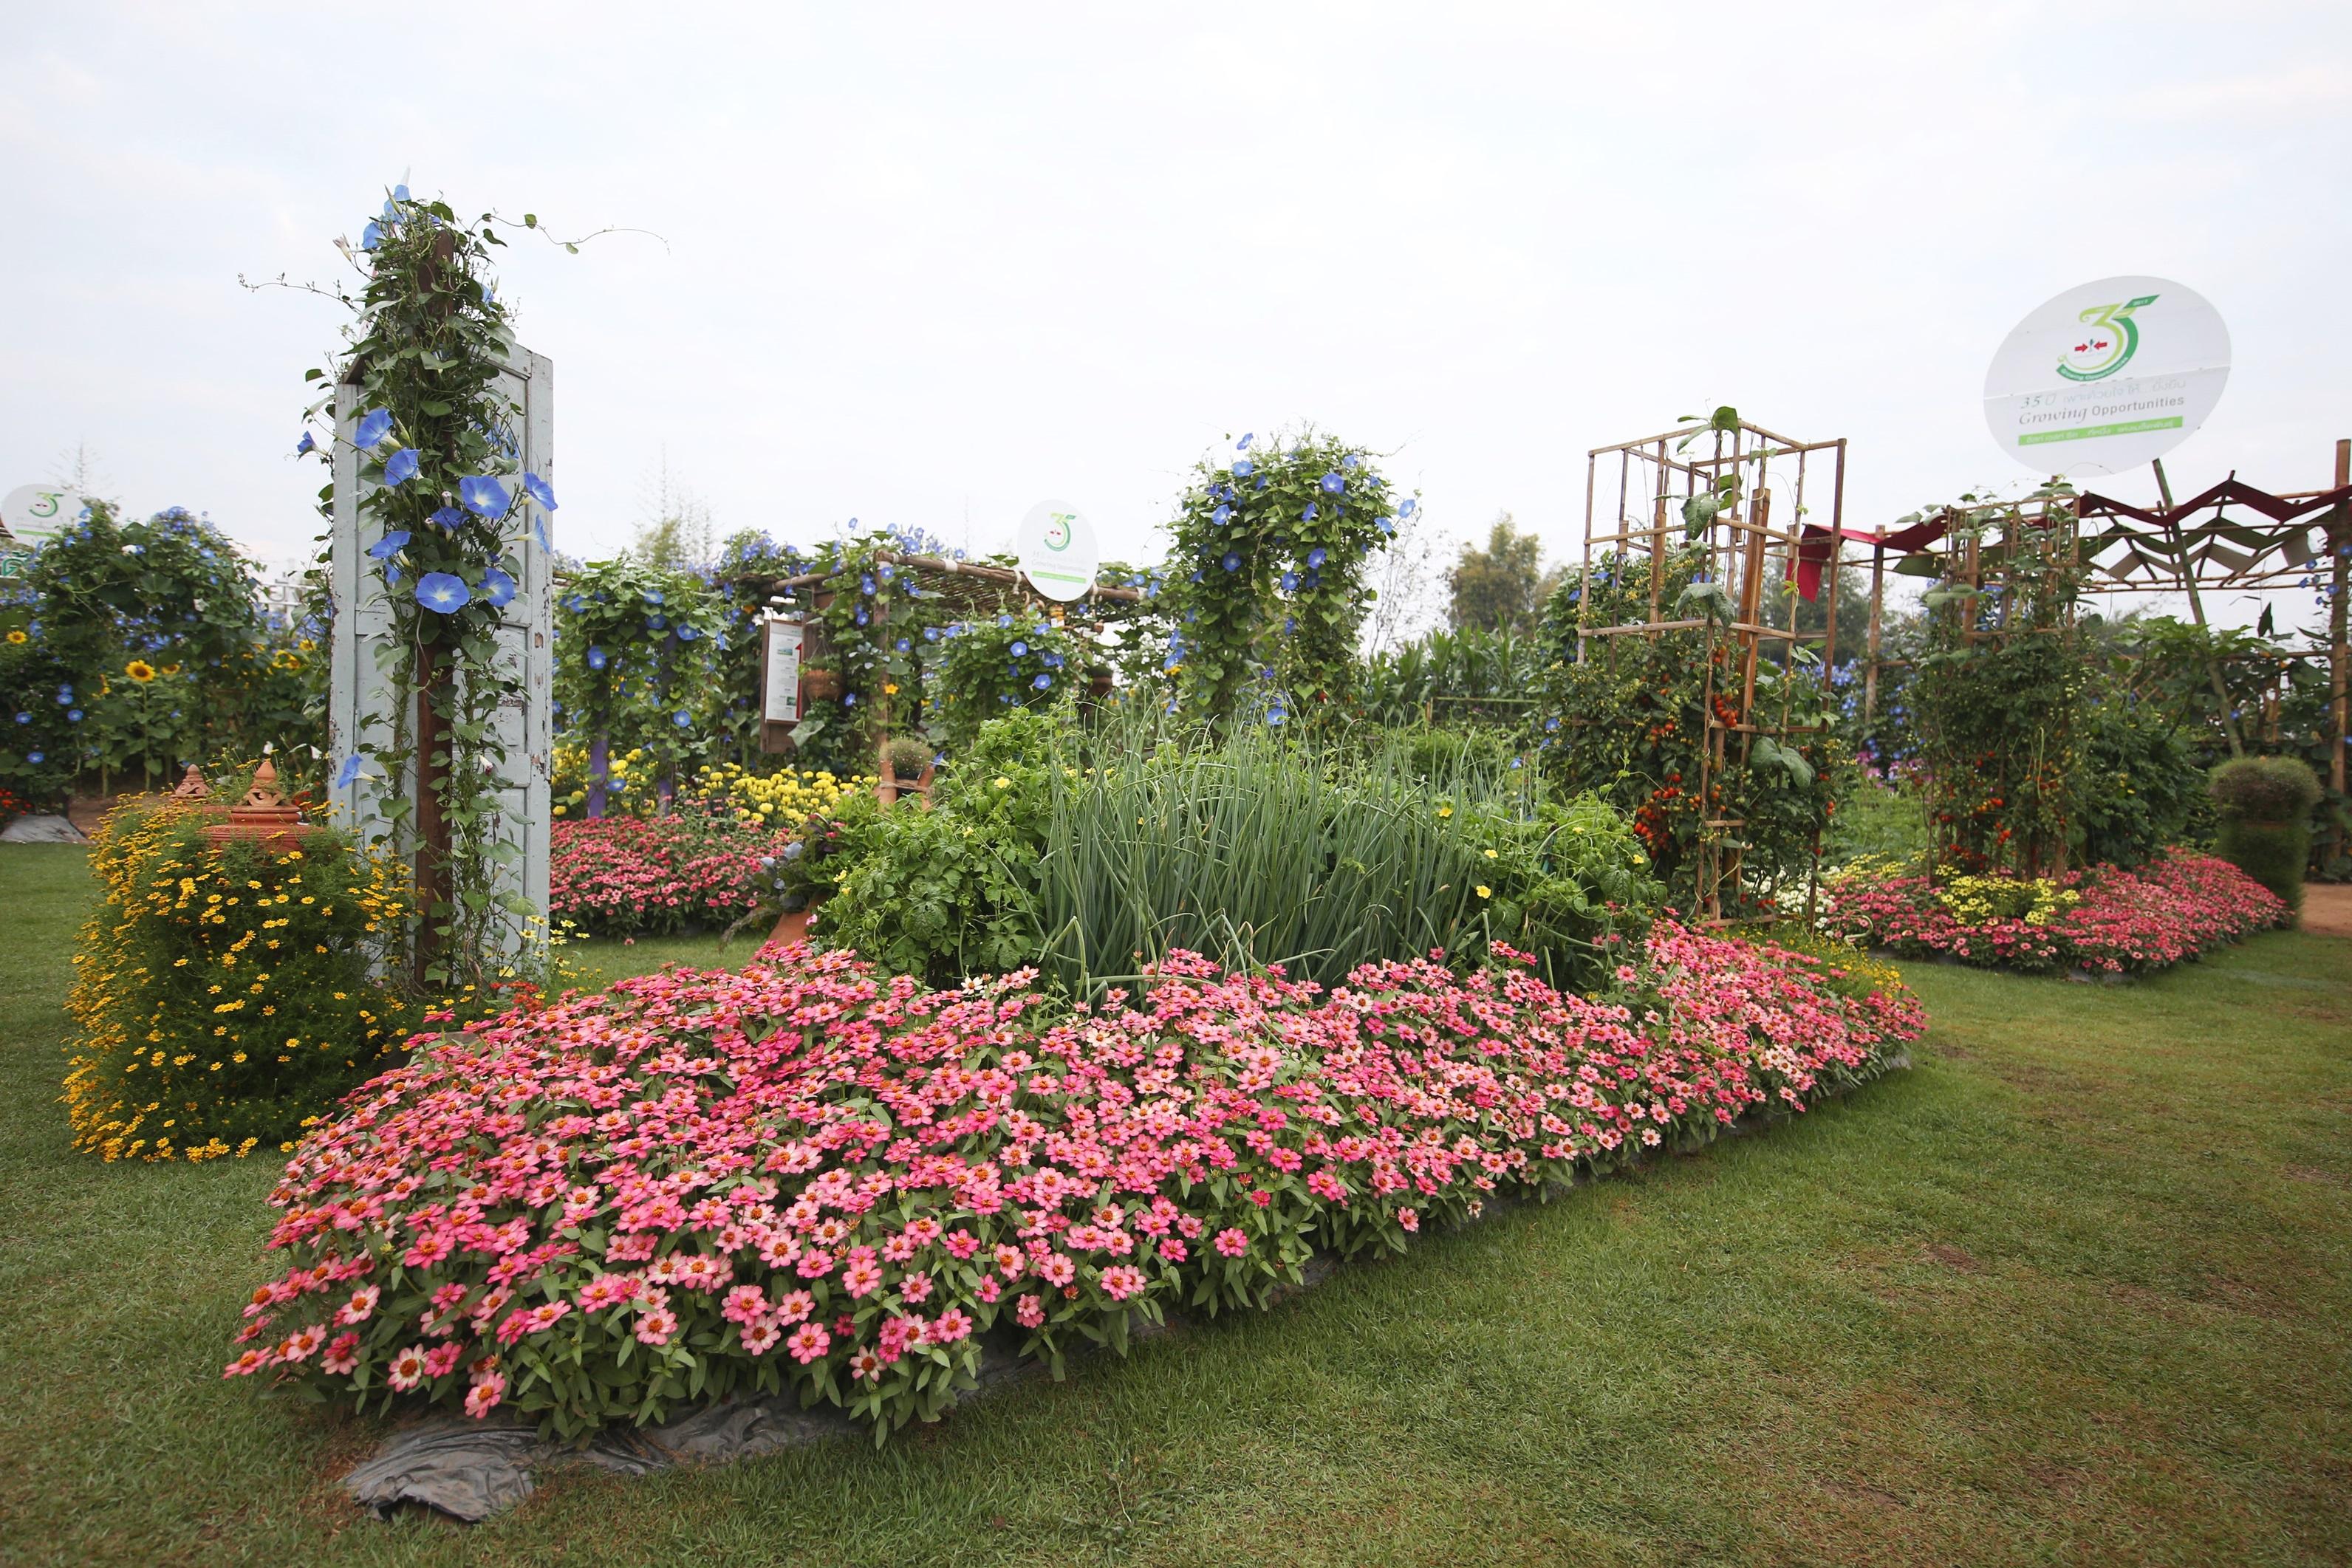 นวัตกรรมการพัฒนาสายพันธุ์พืชผักและดอกไม้ที่ตระการตามากว่า 200 สายพันธุ์ในพื้นที่กว่า 20 ไร่